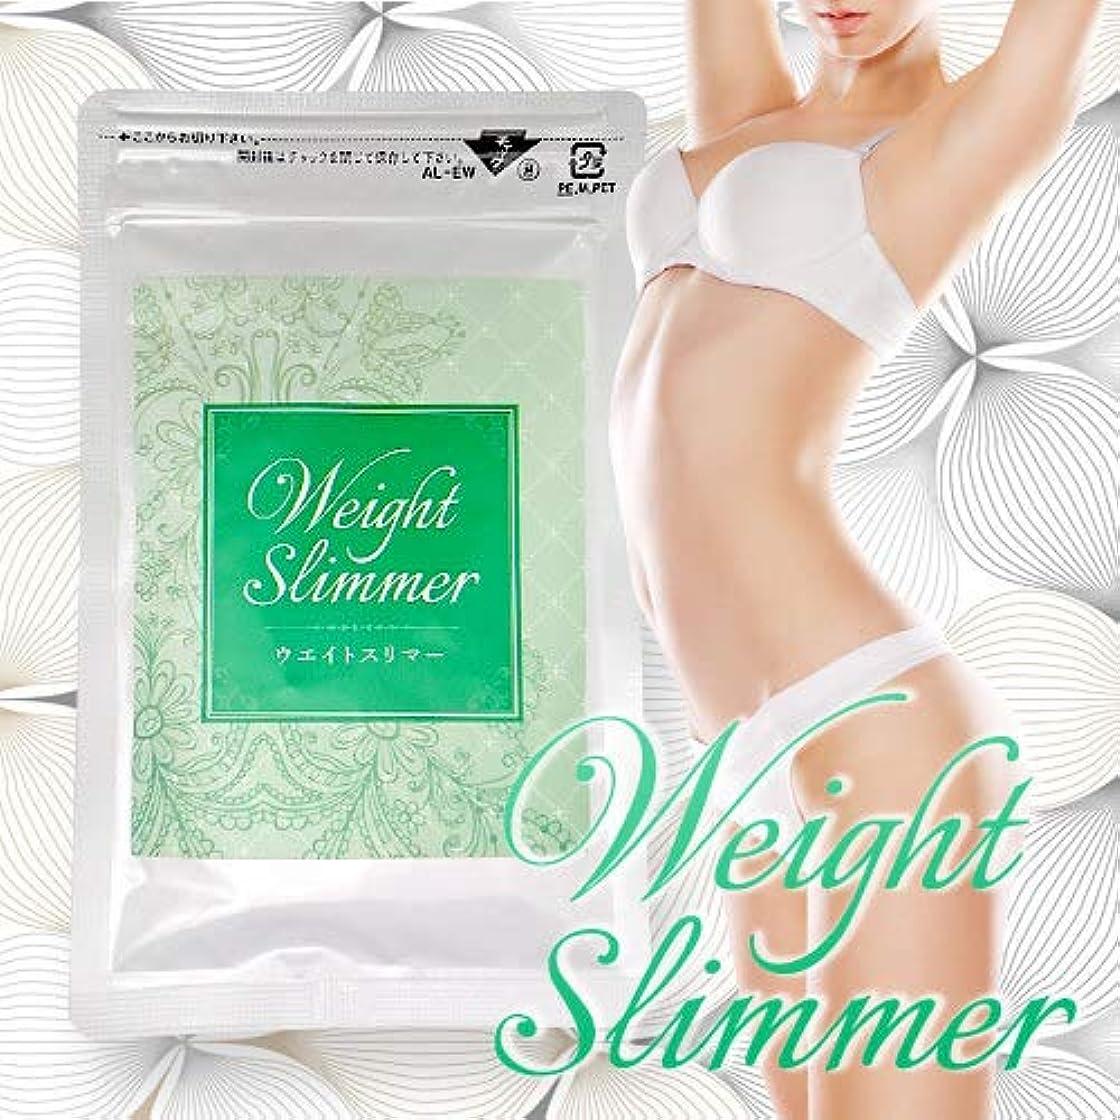 悪性の明らかにする注意ウェイトスリマー Weight Slimmer ダイエット ダイエットサプリメント